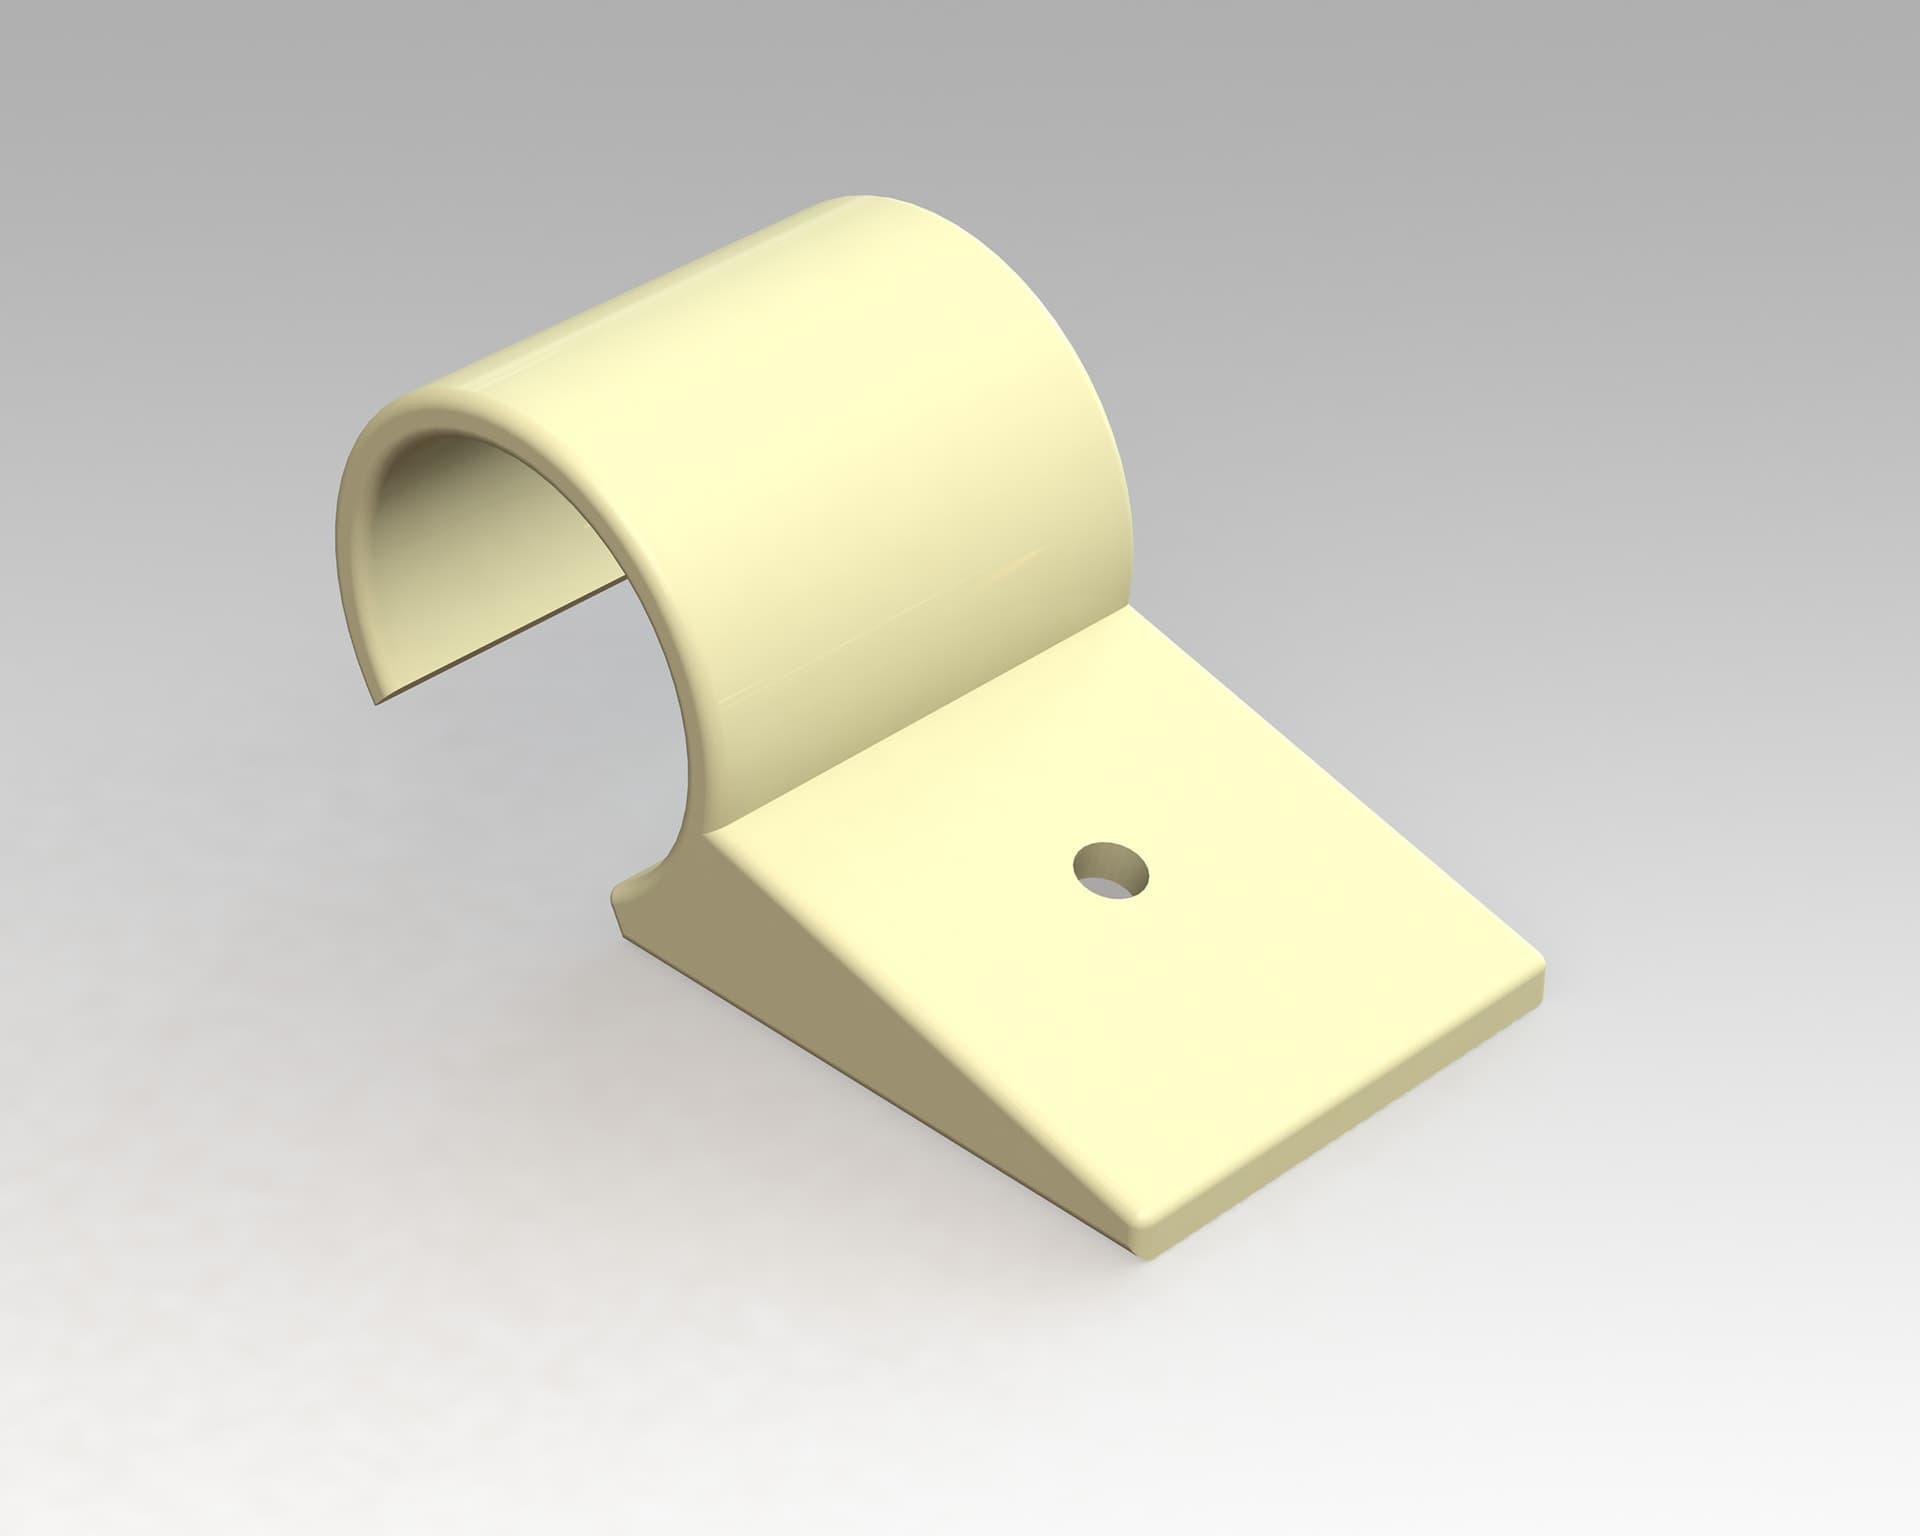 PEK3 Easytube Plastic Accessories GAP 07